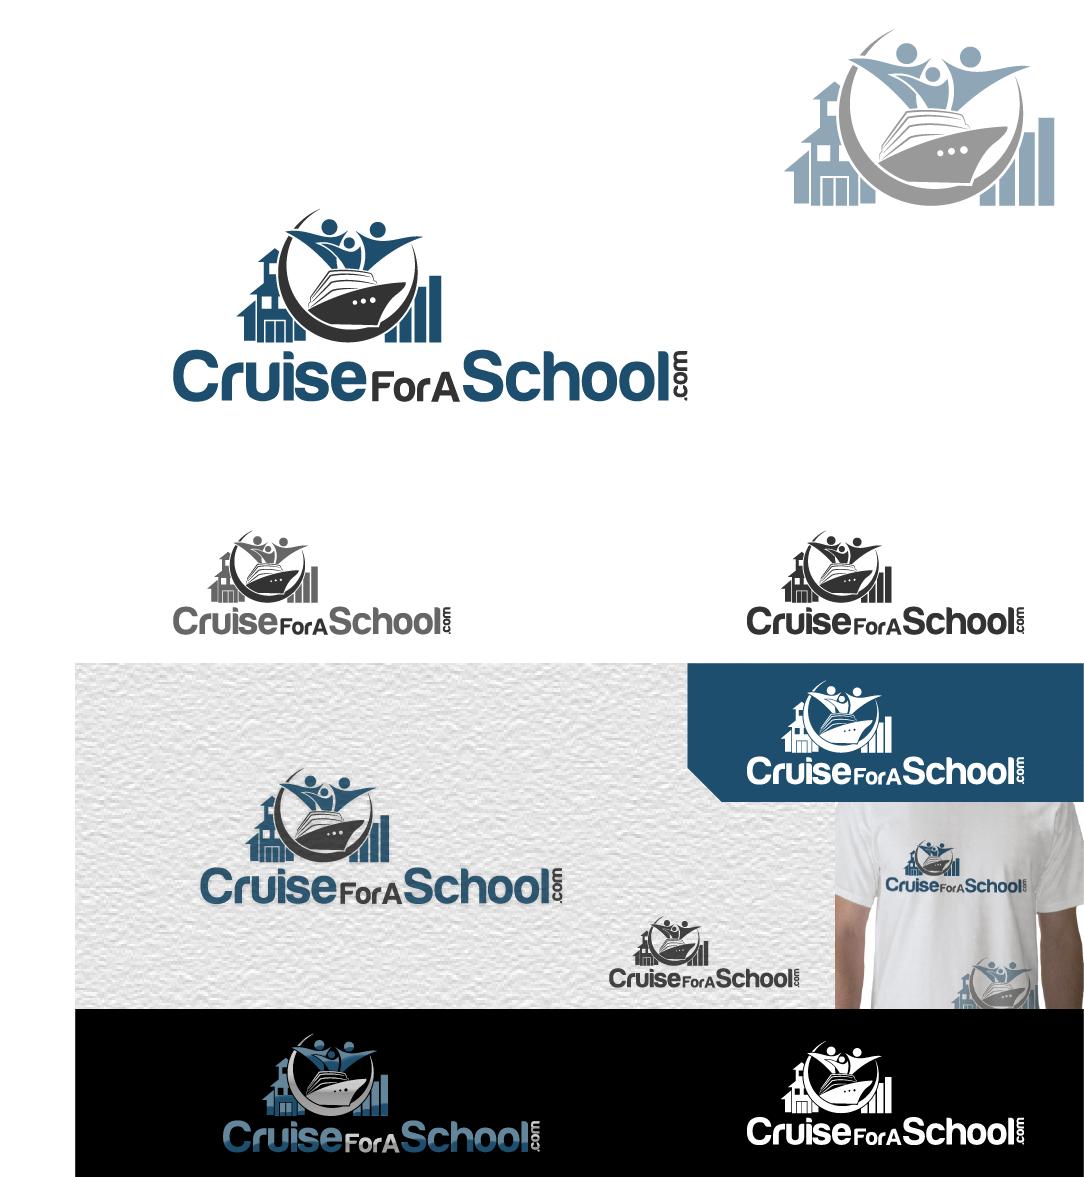 logo for CruiseForASchool.com